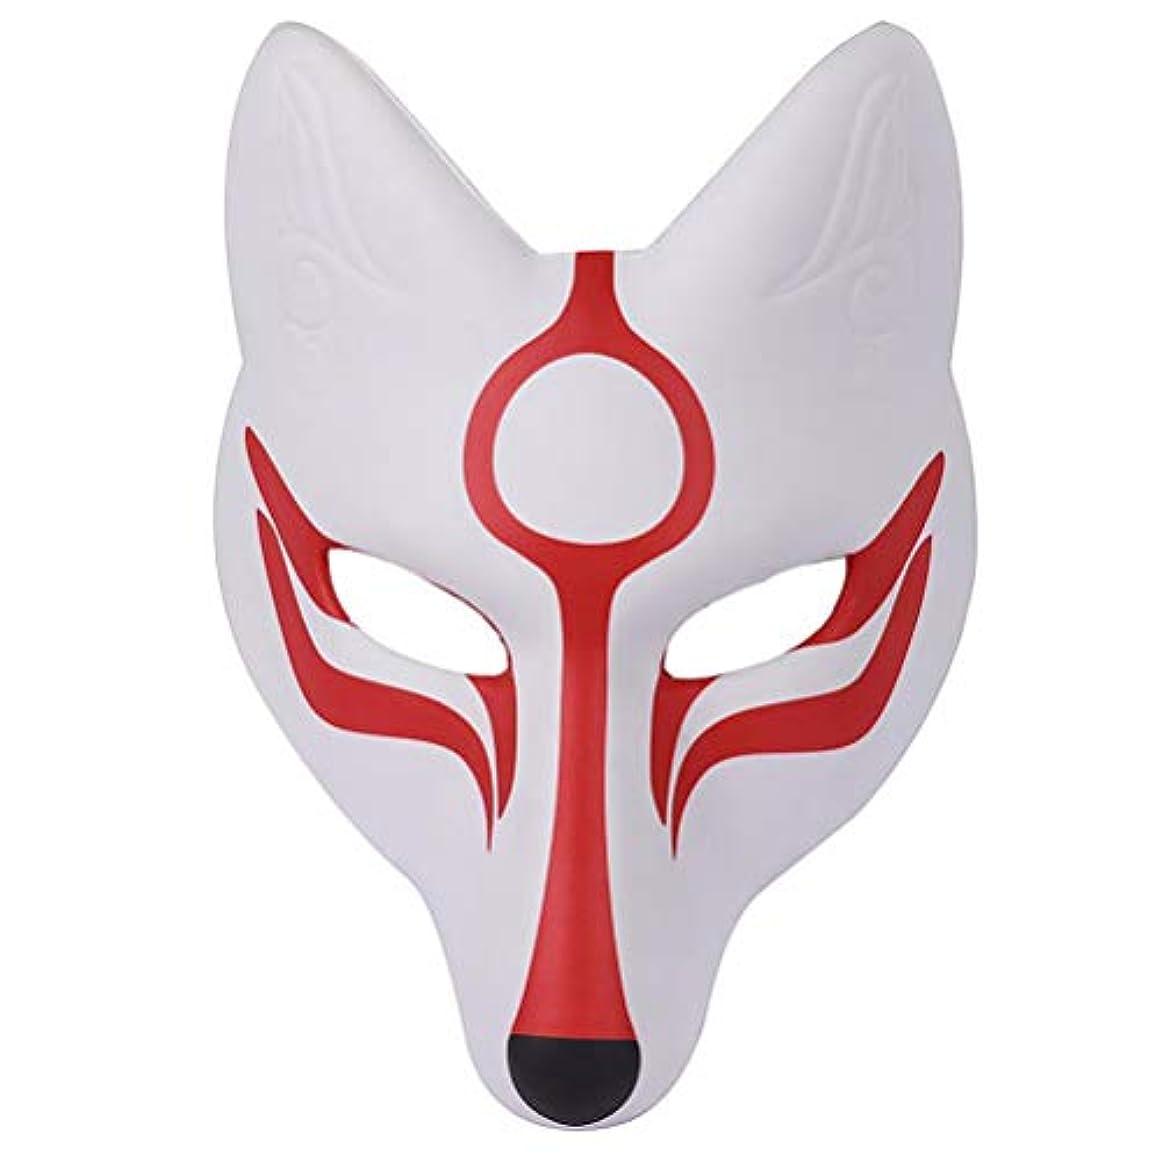 雄弁な北東メダルAMOSFUN フォックスマスク日本歌舞伎きつねマスク用男性女性子供ハロウィーン仮装衣装プロップ